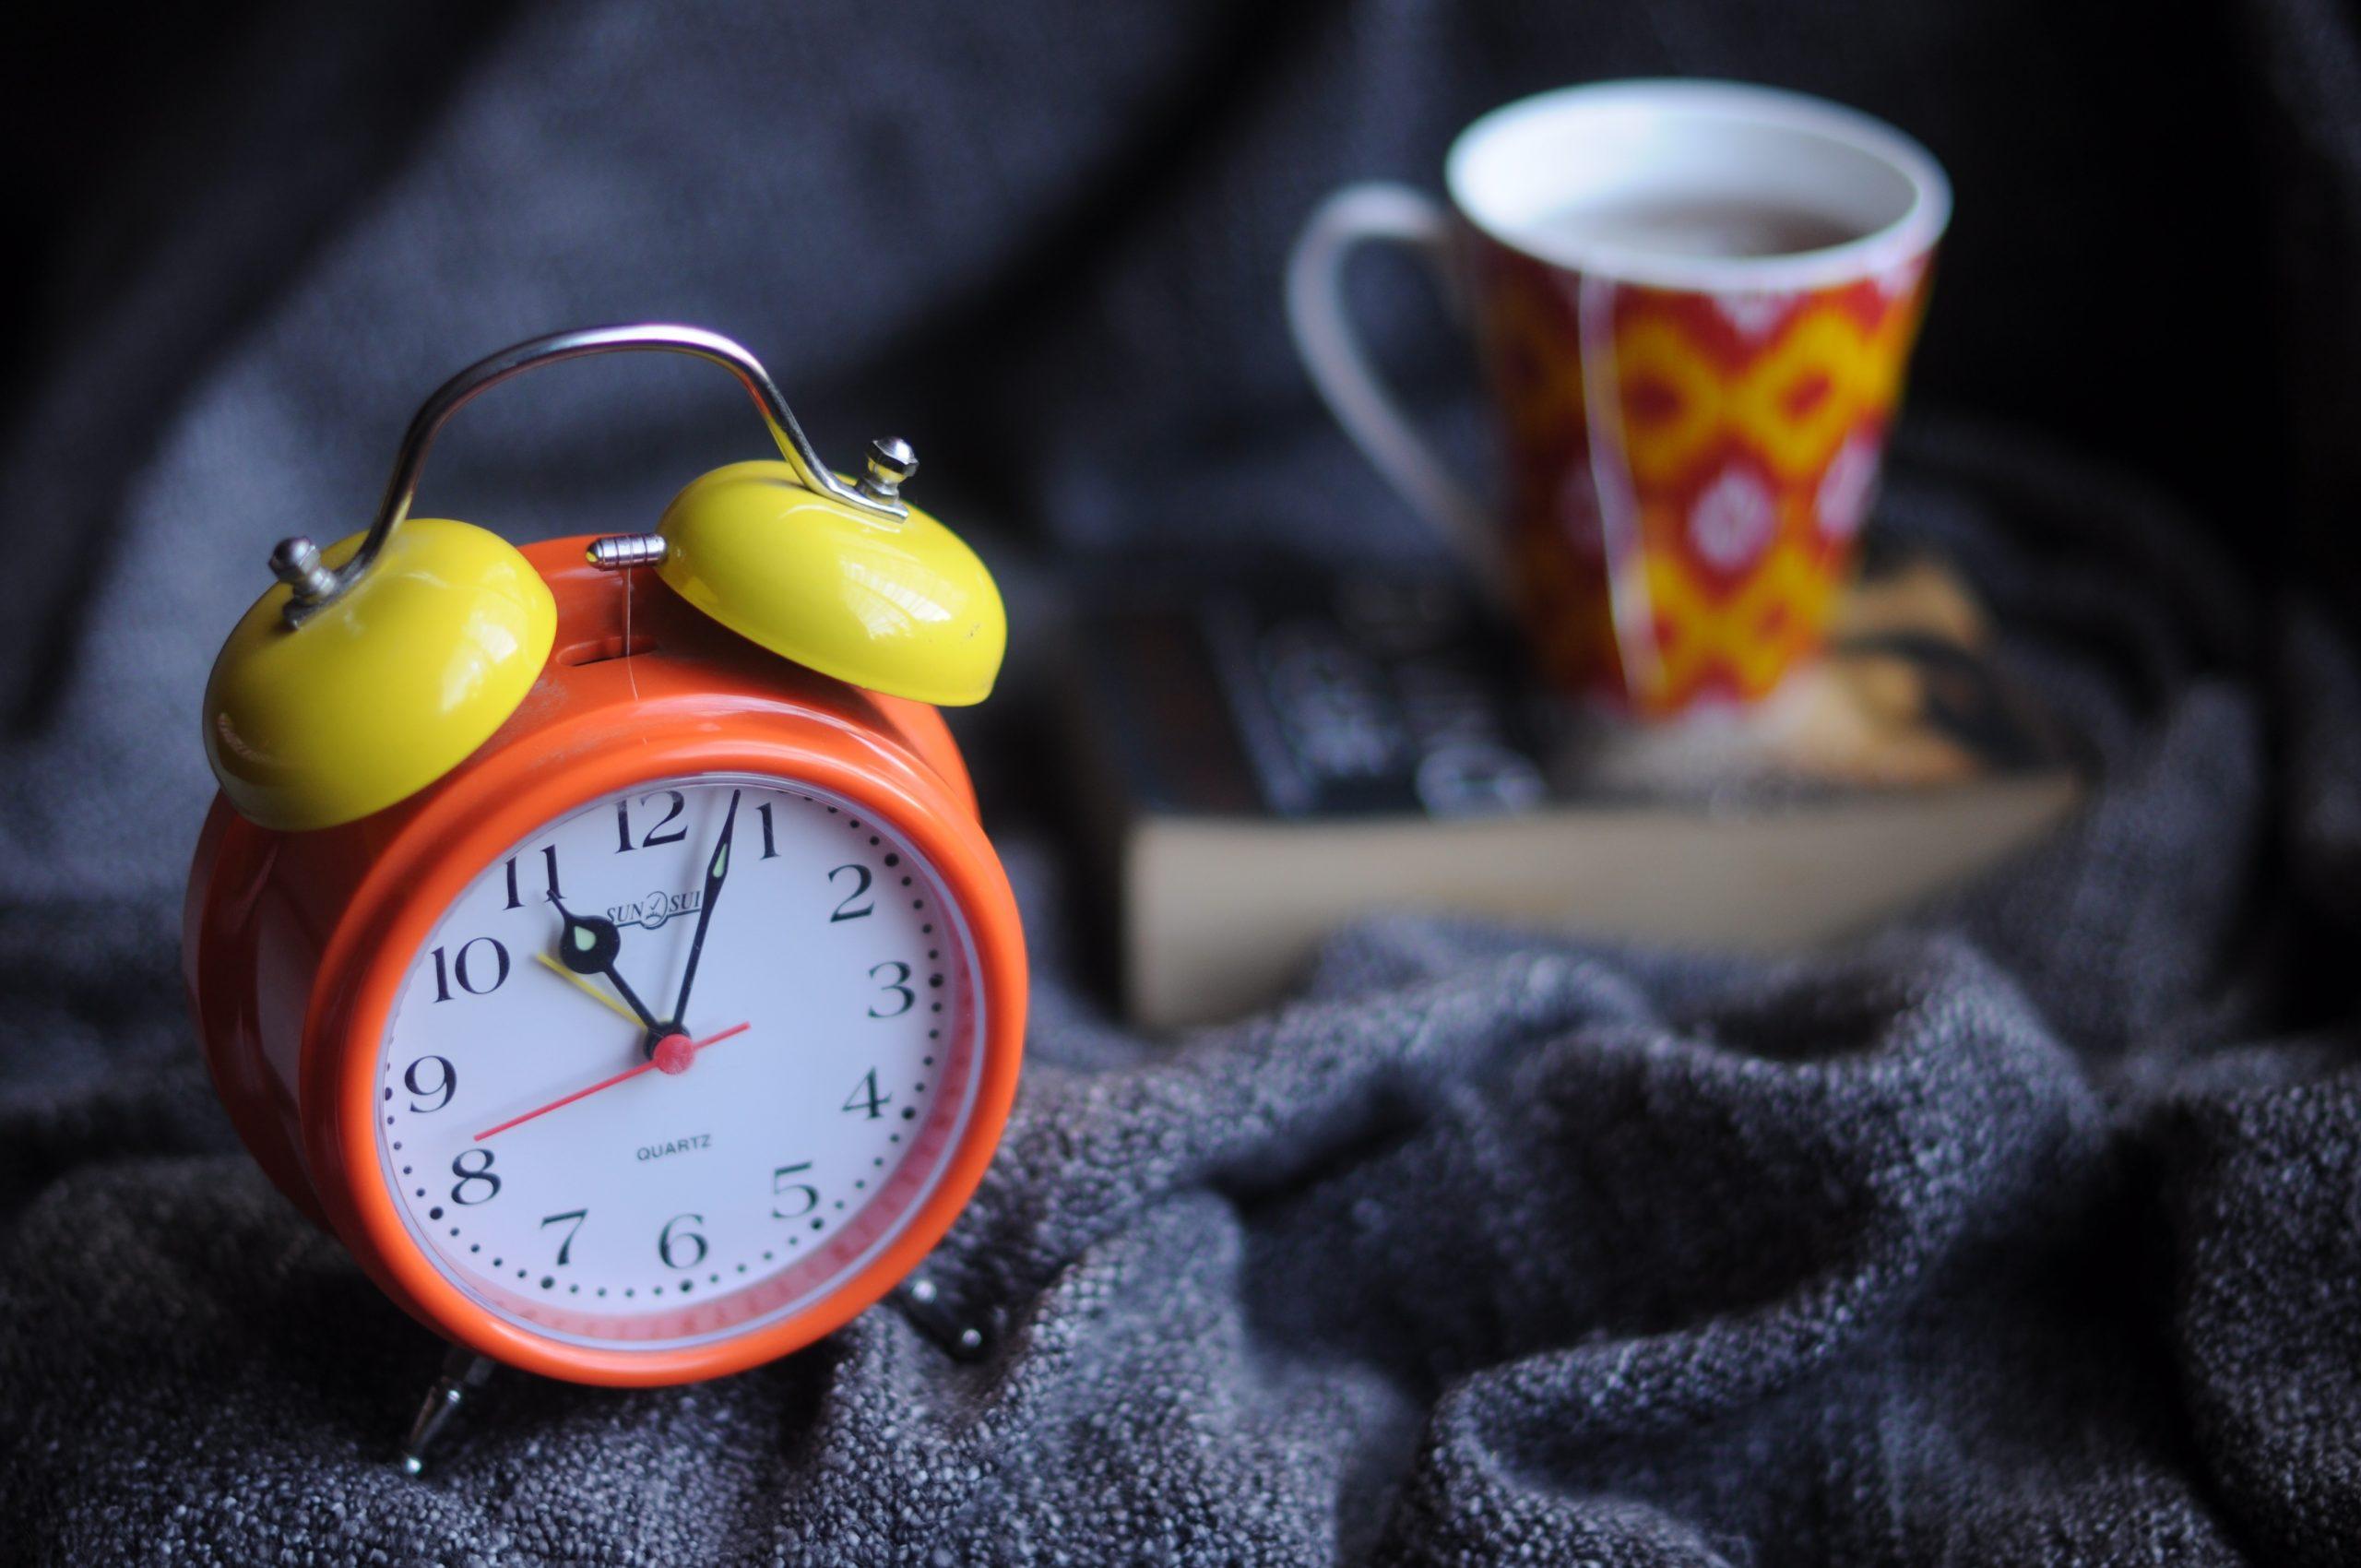 Zdjęcie zegarka